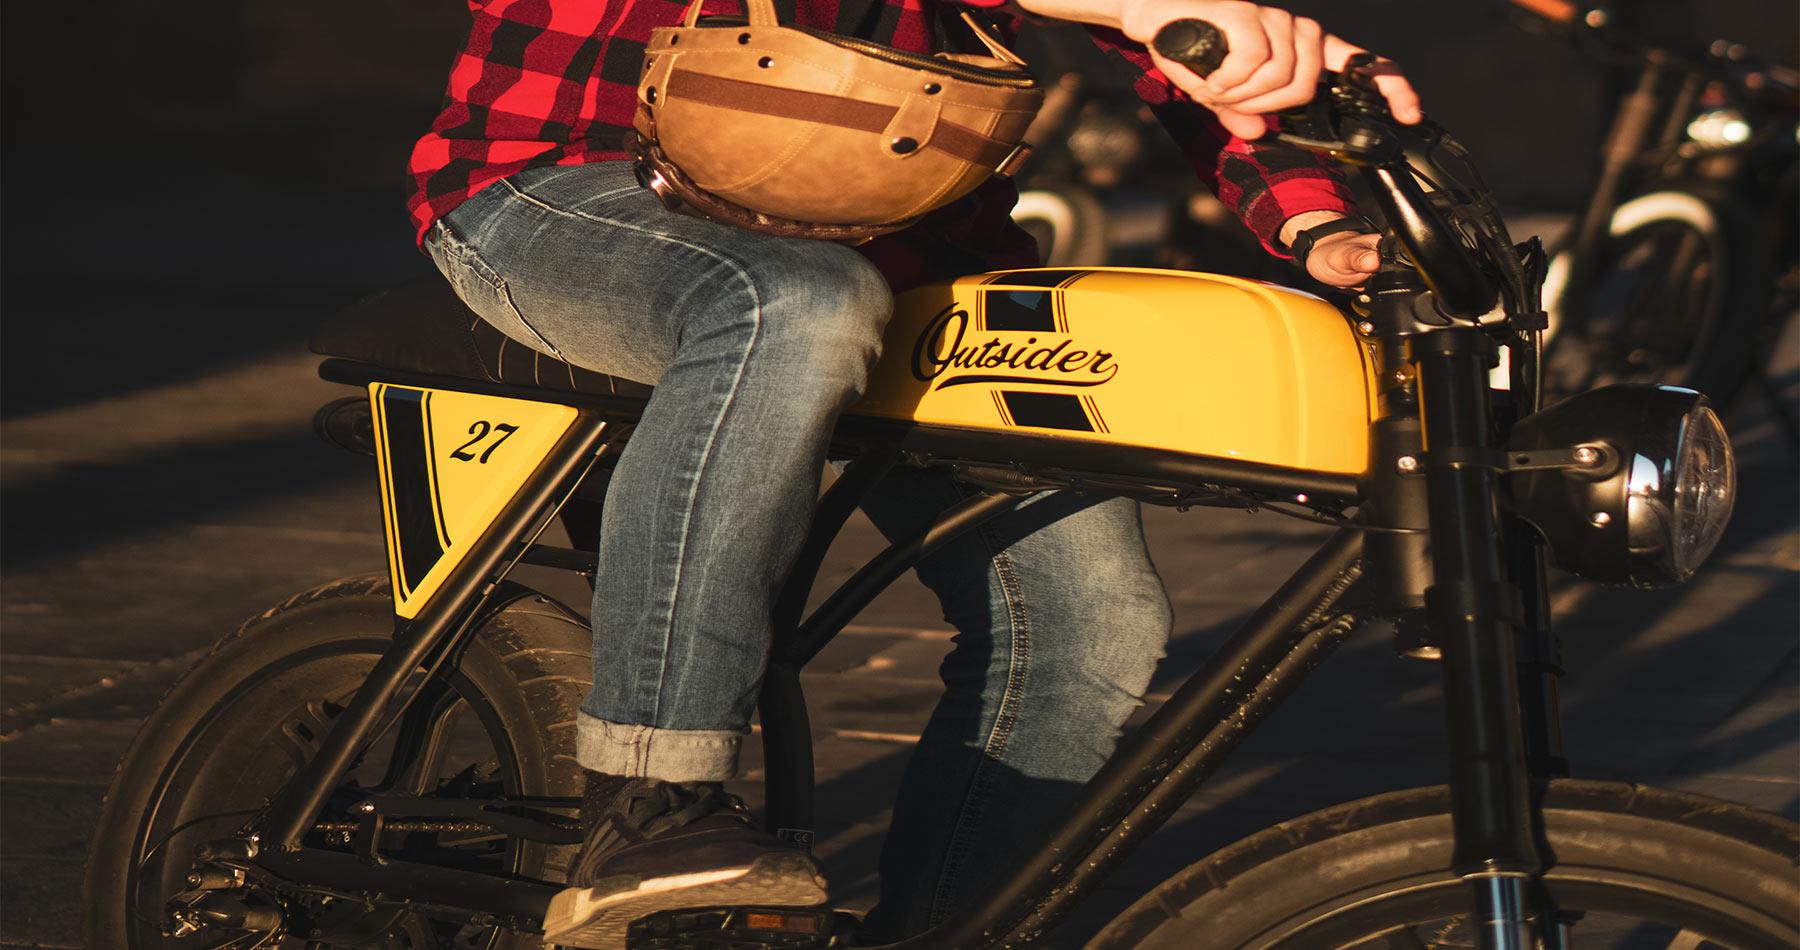 rhodes experiences odix retro bikes 10